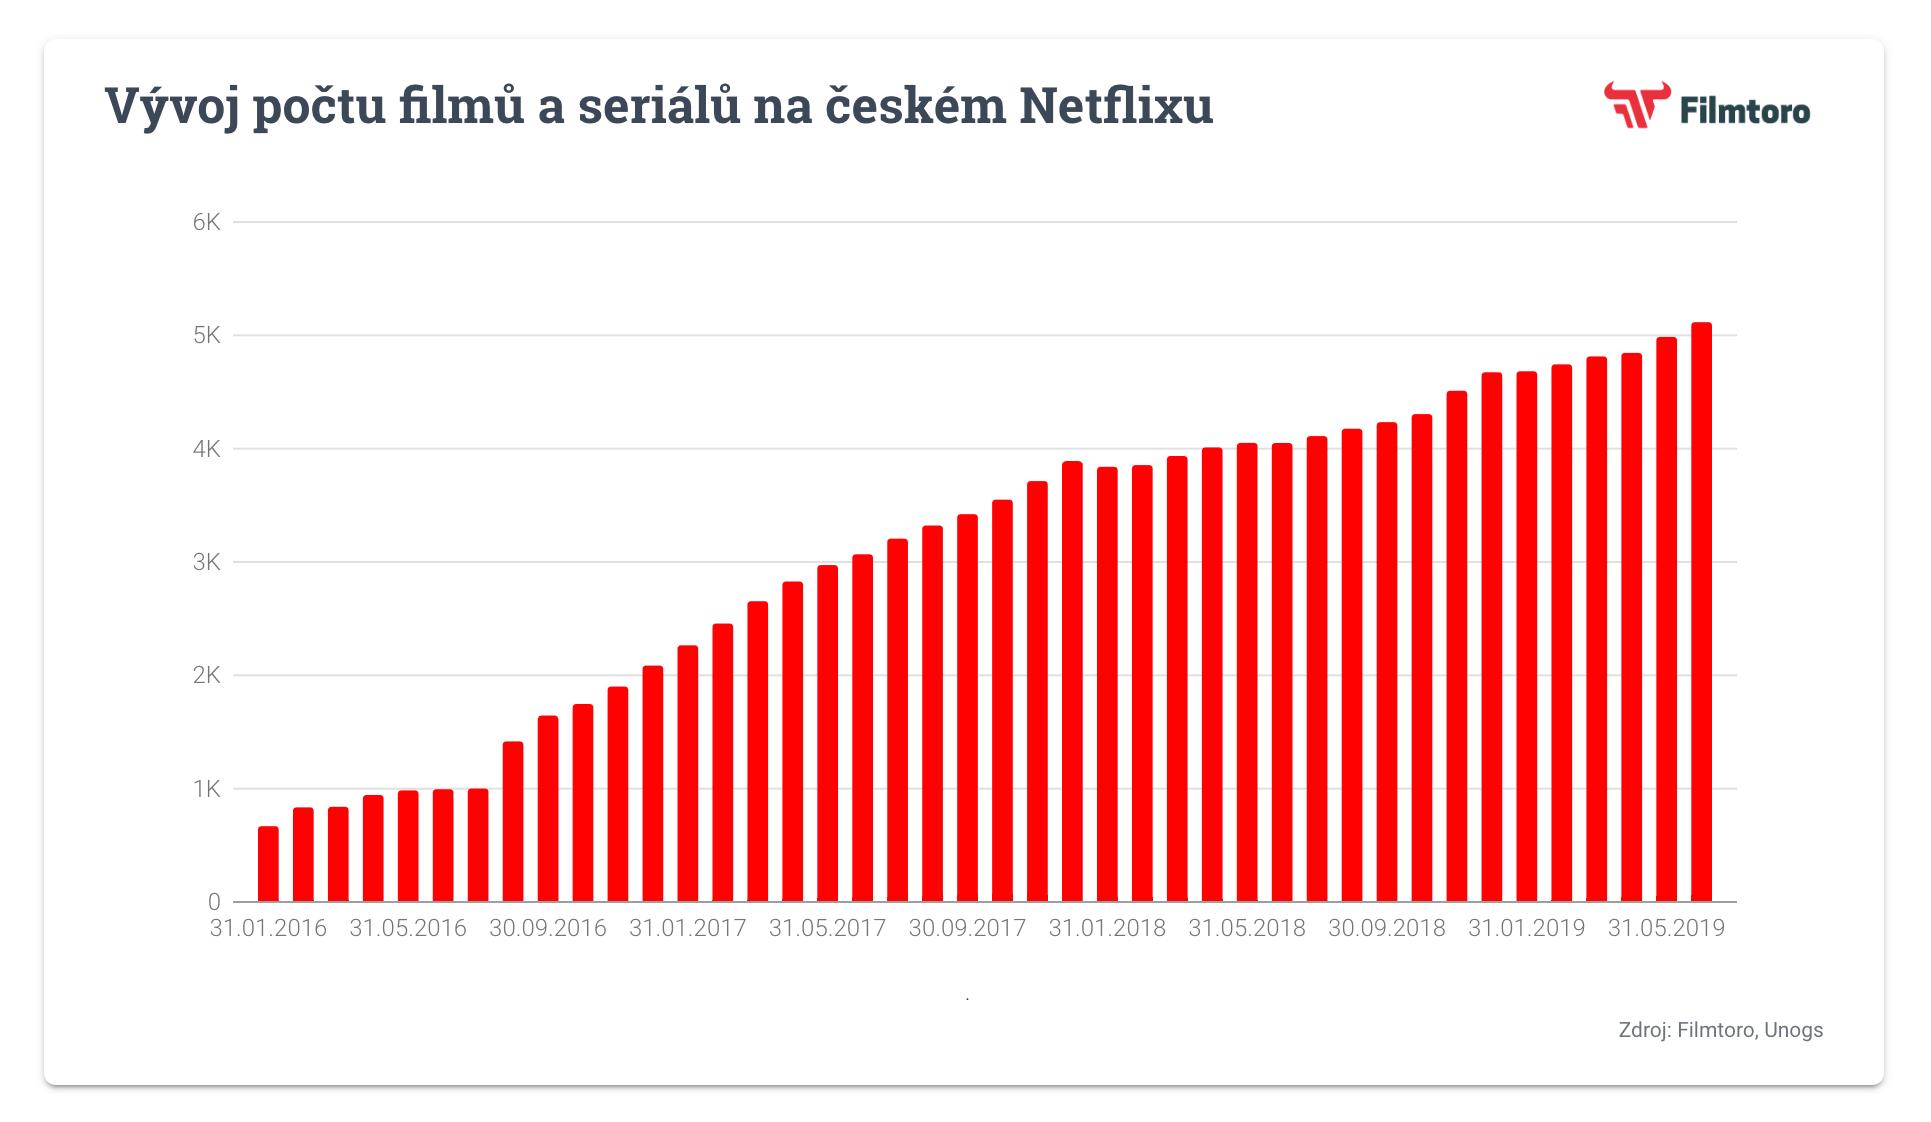 Vývoj počtu filmů a seriálů na českém Netflixu